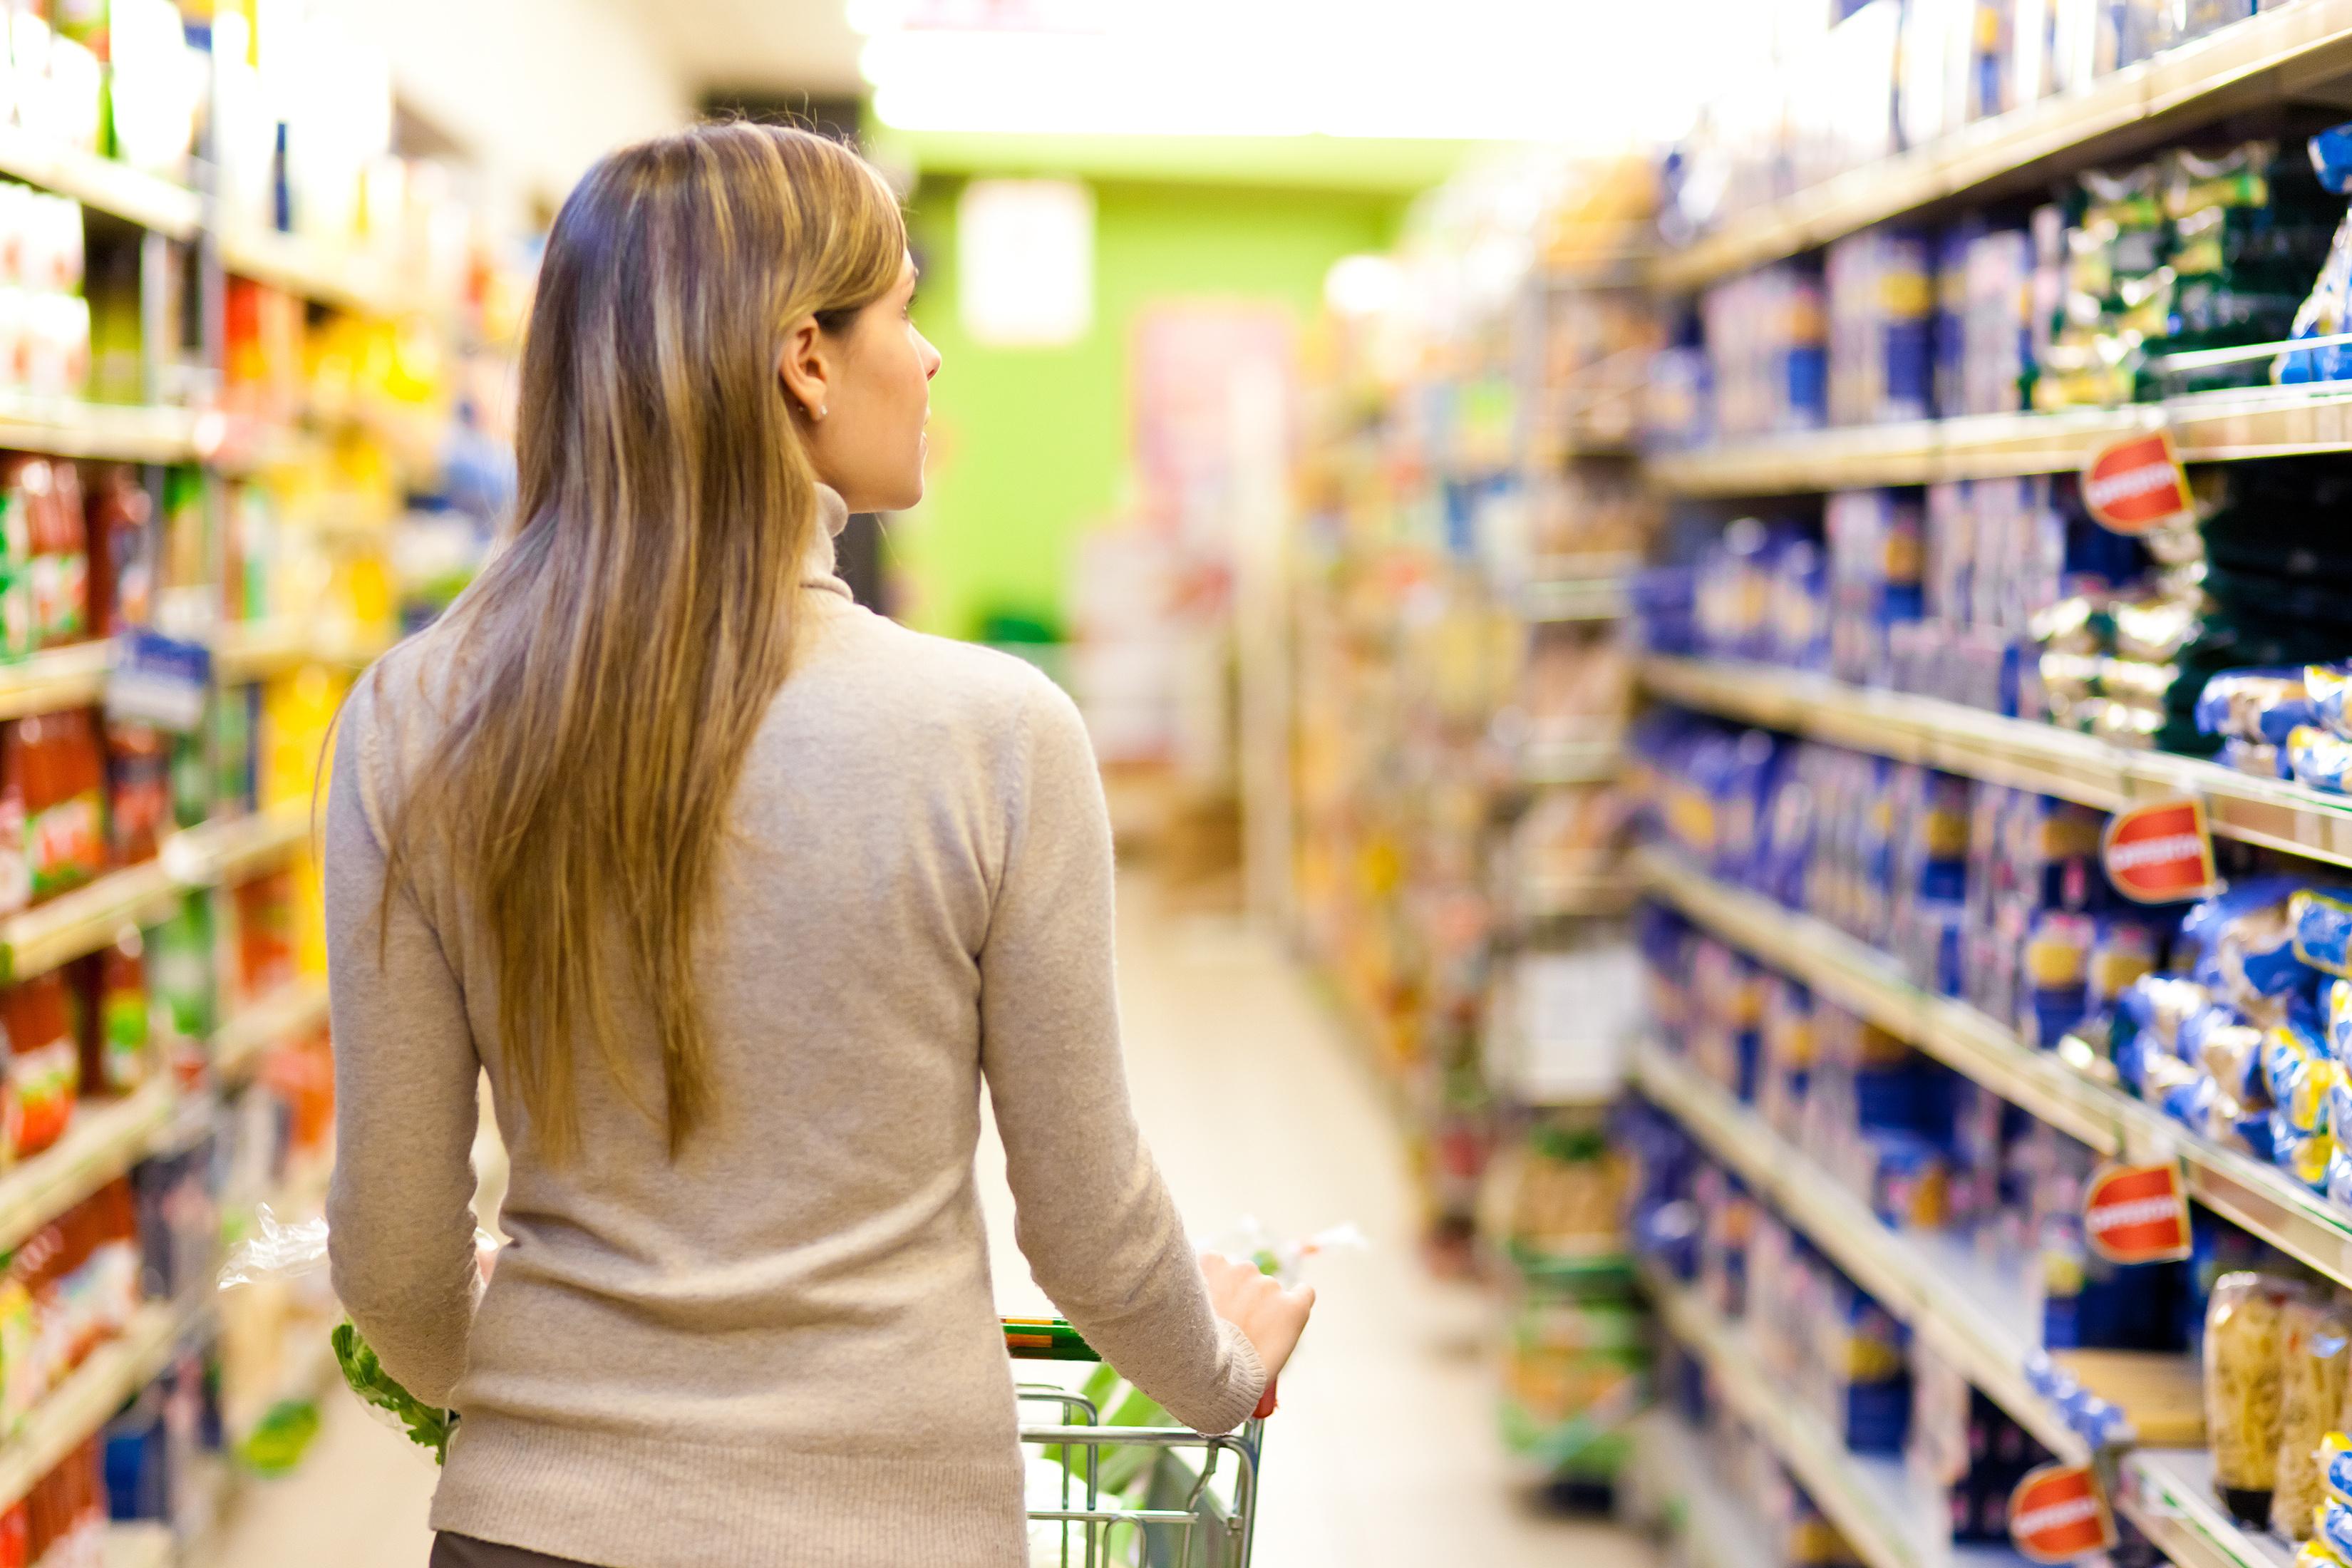 mutare-surpriza-decizia-discounterilor-de-pe-piata-locala-lidl-penny-market-